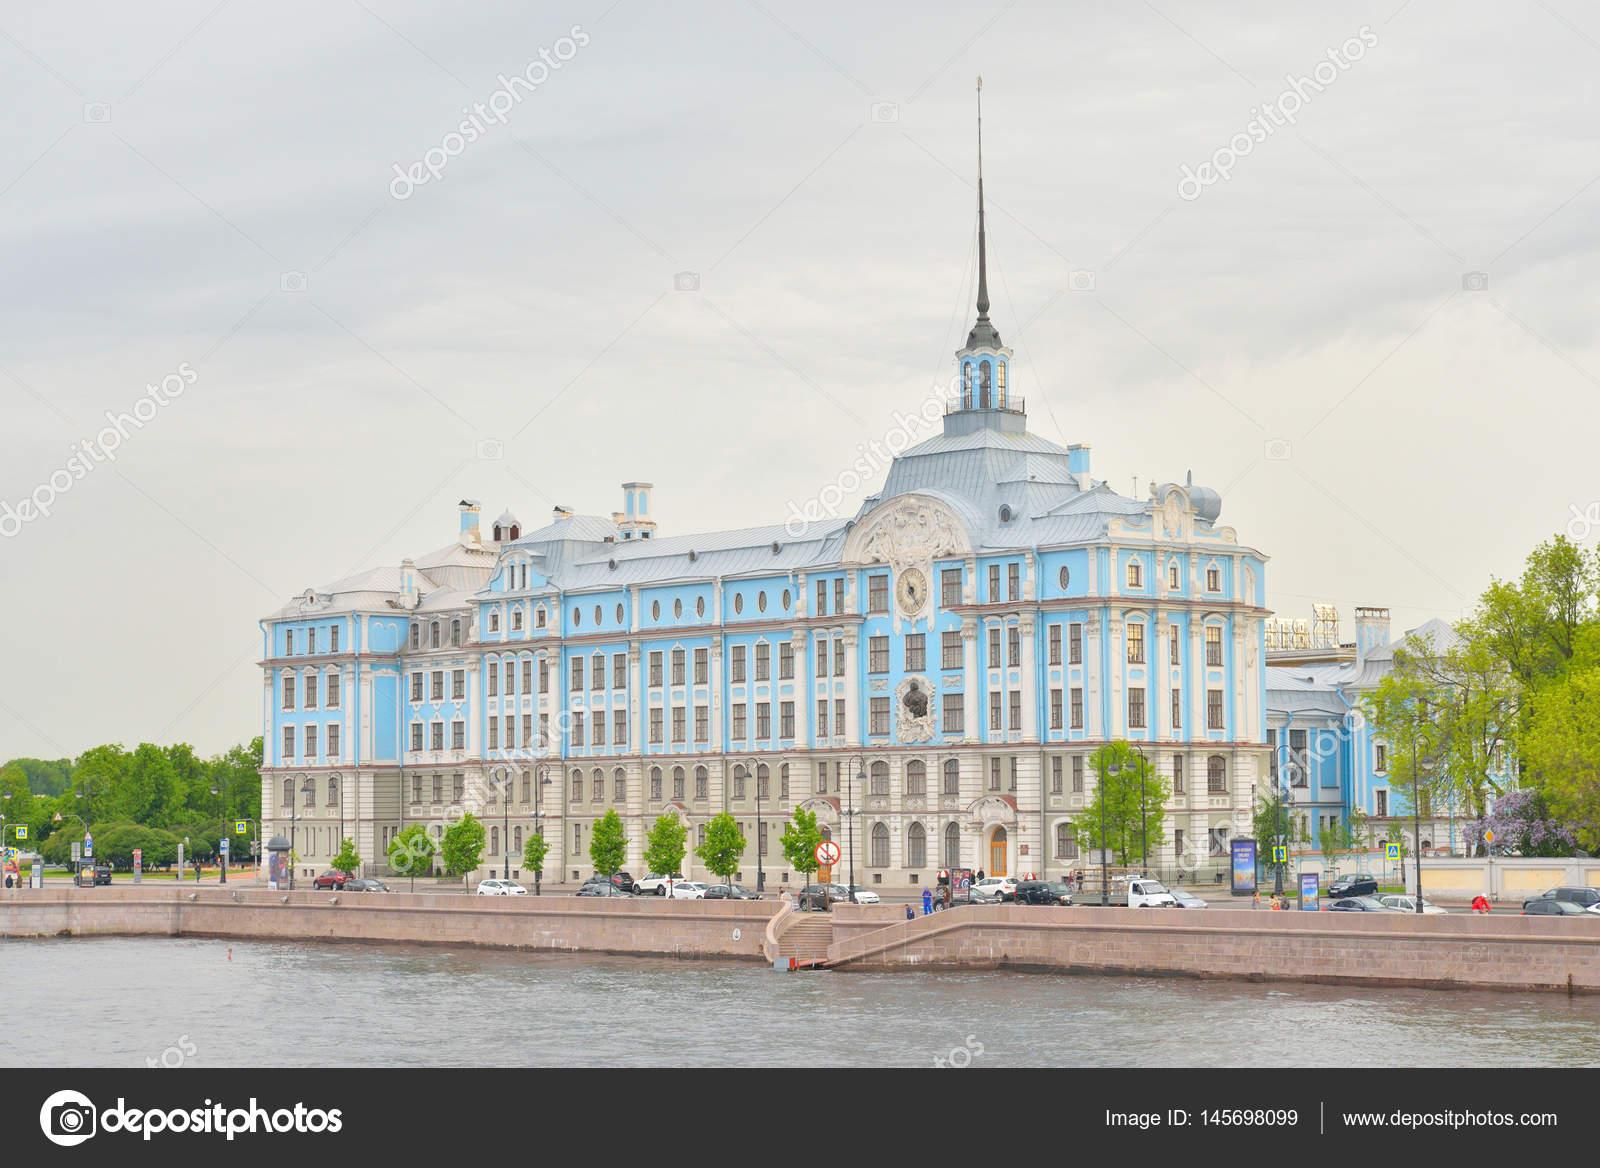 サンクトペテルブルク ・ ナヒーモフ海軍学校の建物